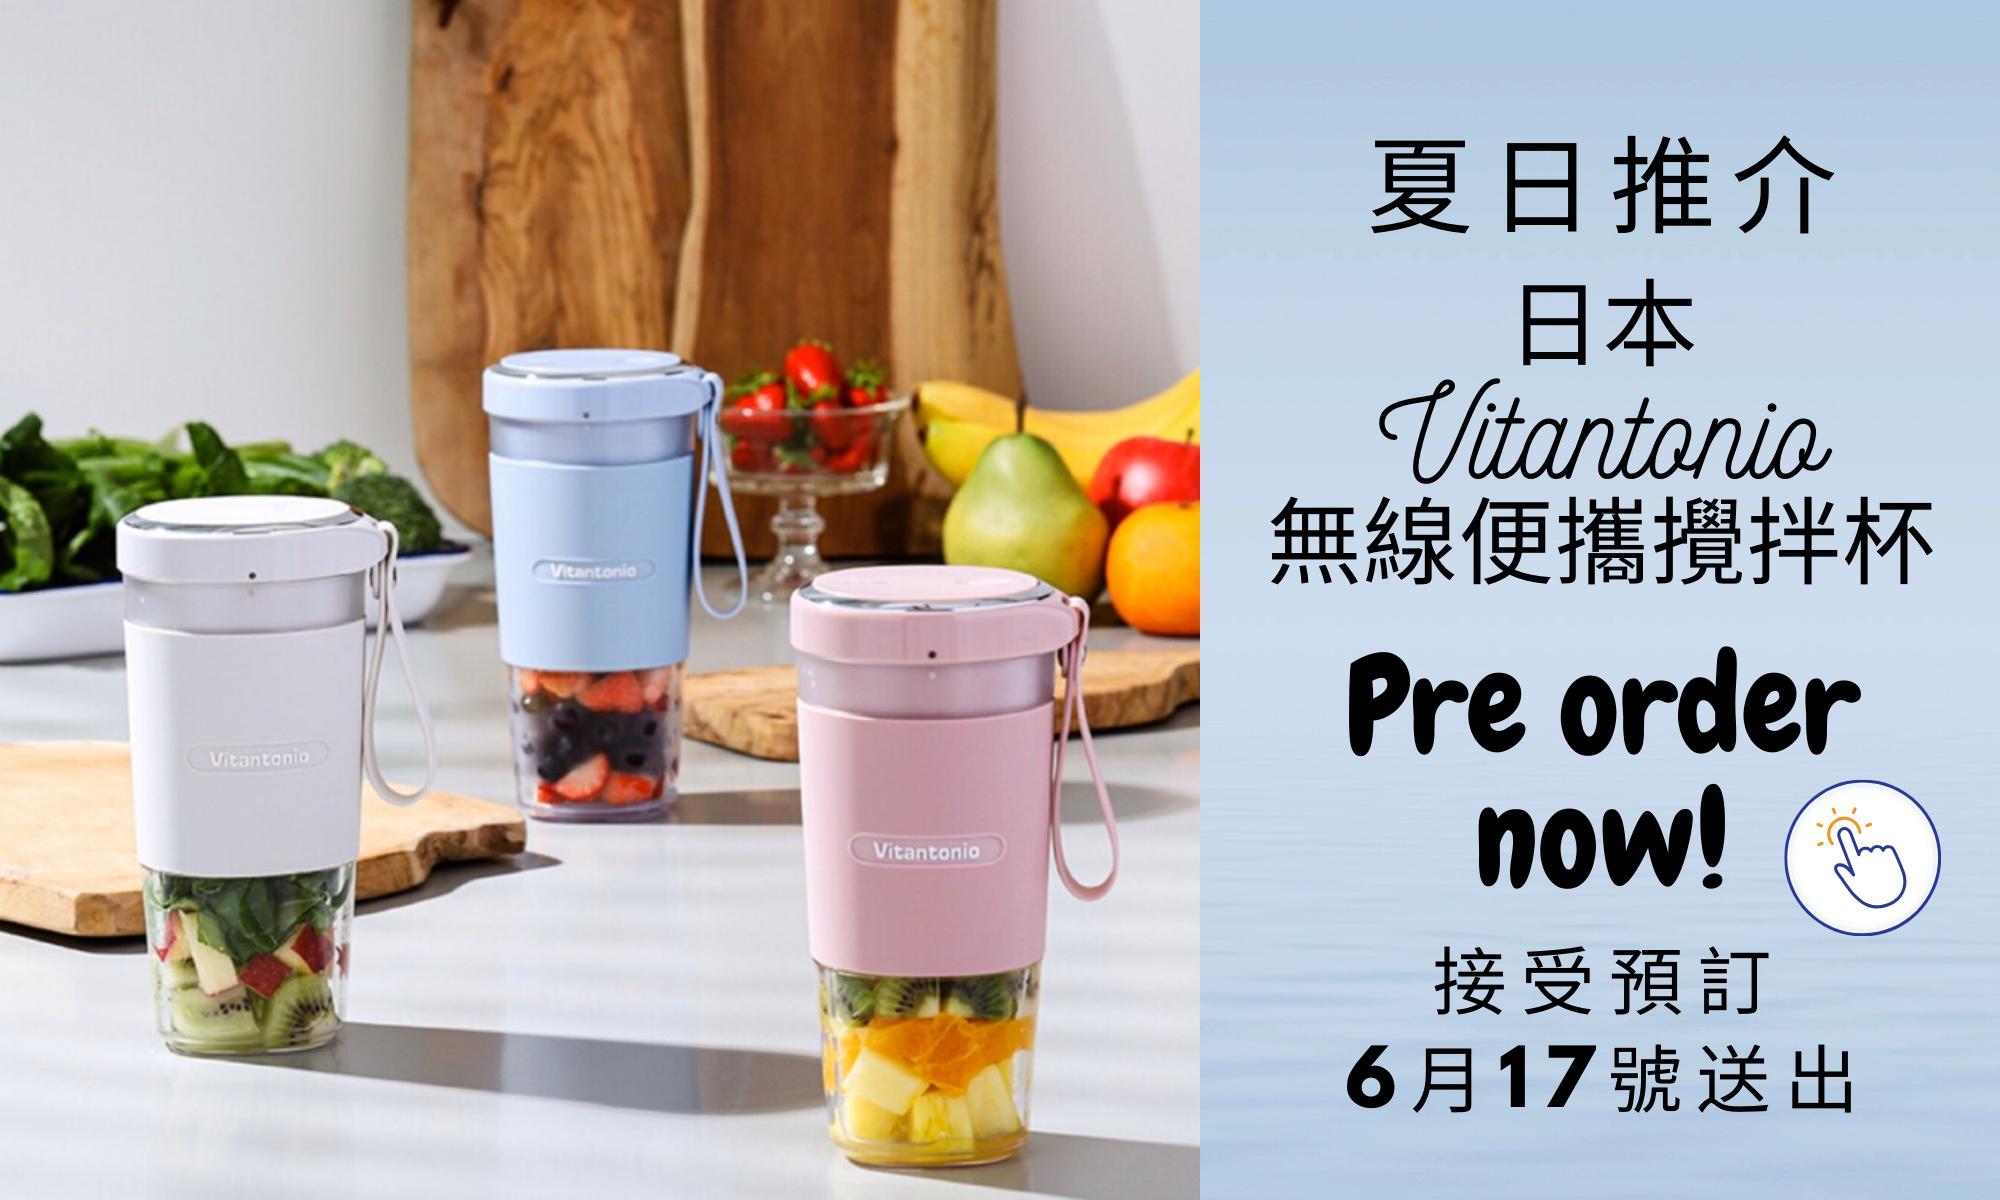 Vitantonio VBL-1000, Vitantonio Blender, Vitantonio 攪拌杯, 攪拌杯, 攪拌器, 無線攪拌杯